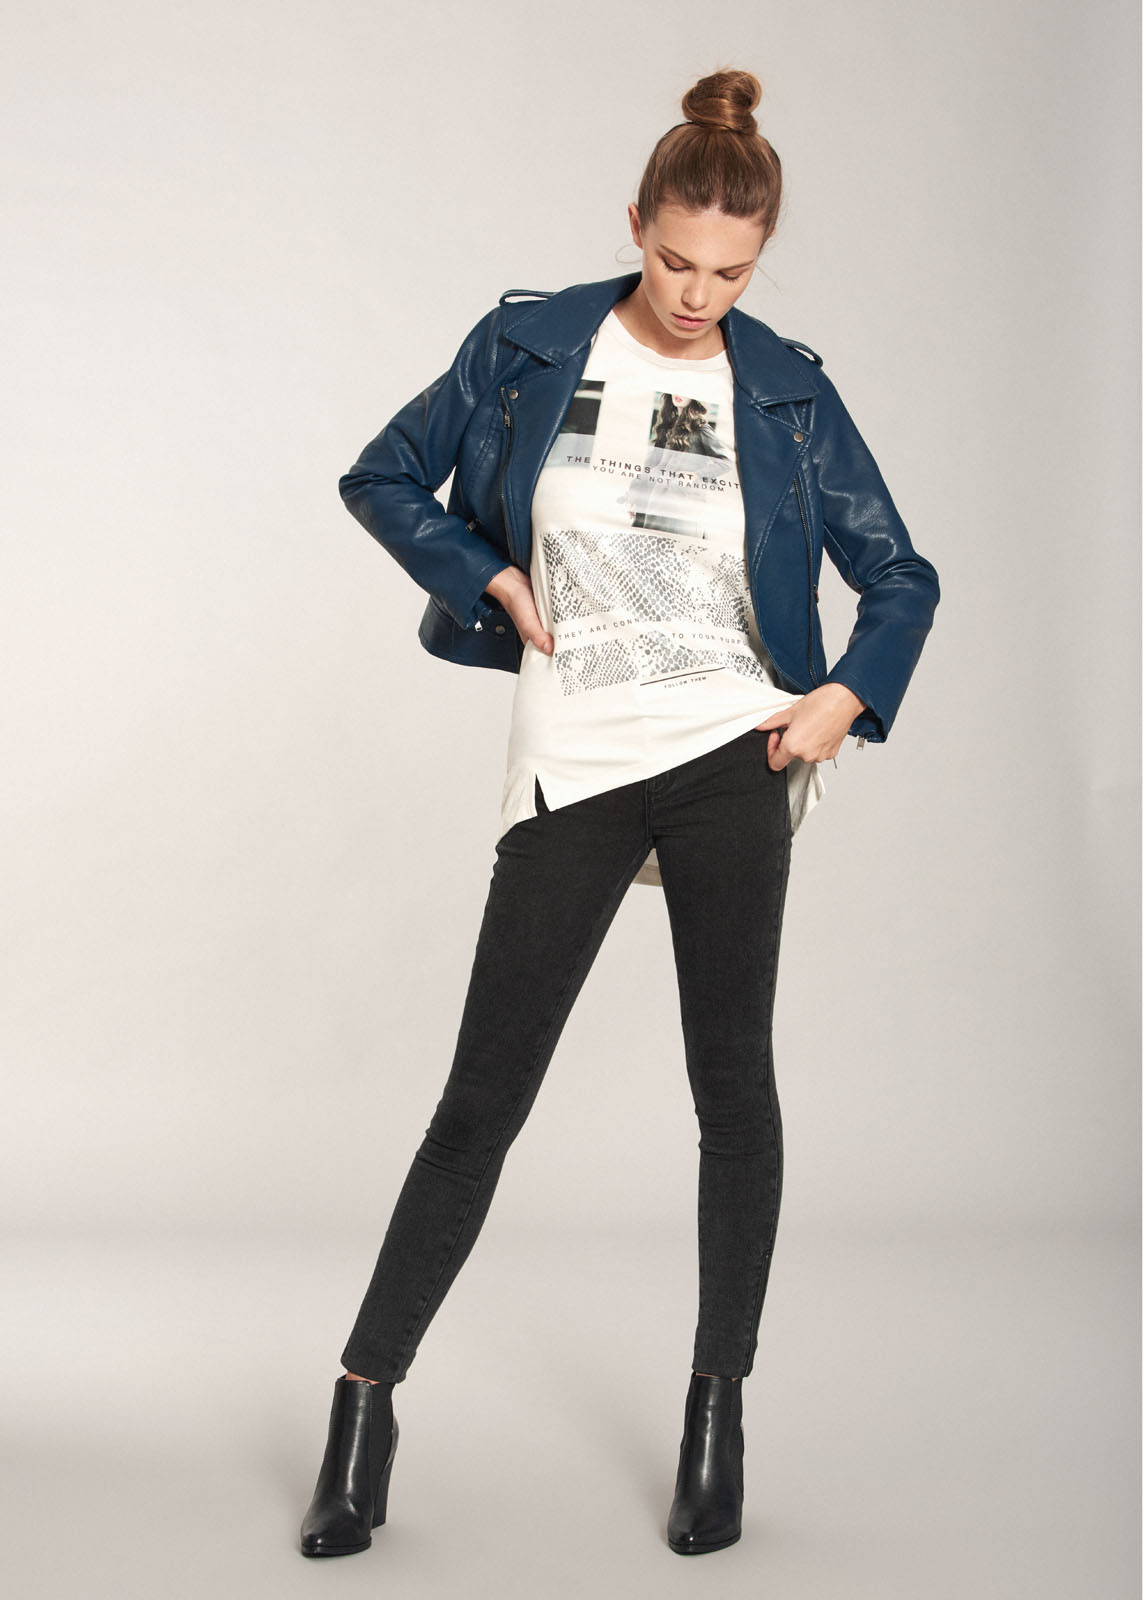 Fotografía de moda de la firma ONLY para el avance otoño-invierno 2018 de la colección para El Corte Inglés